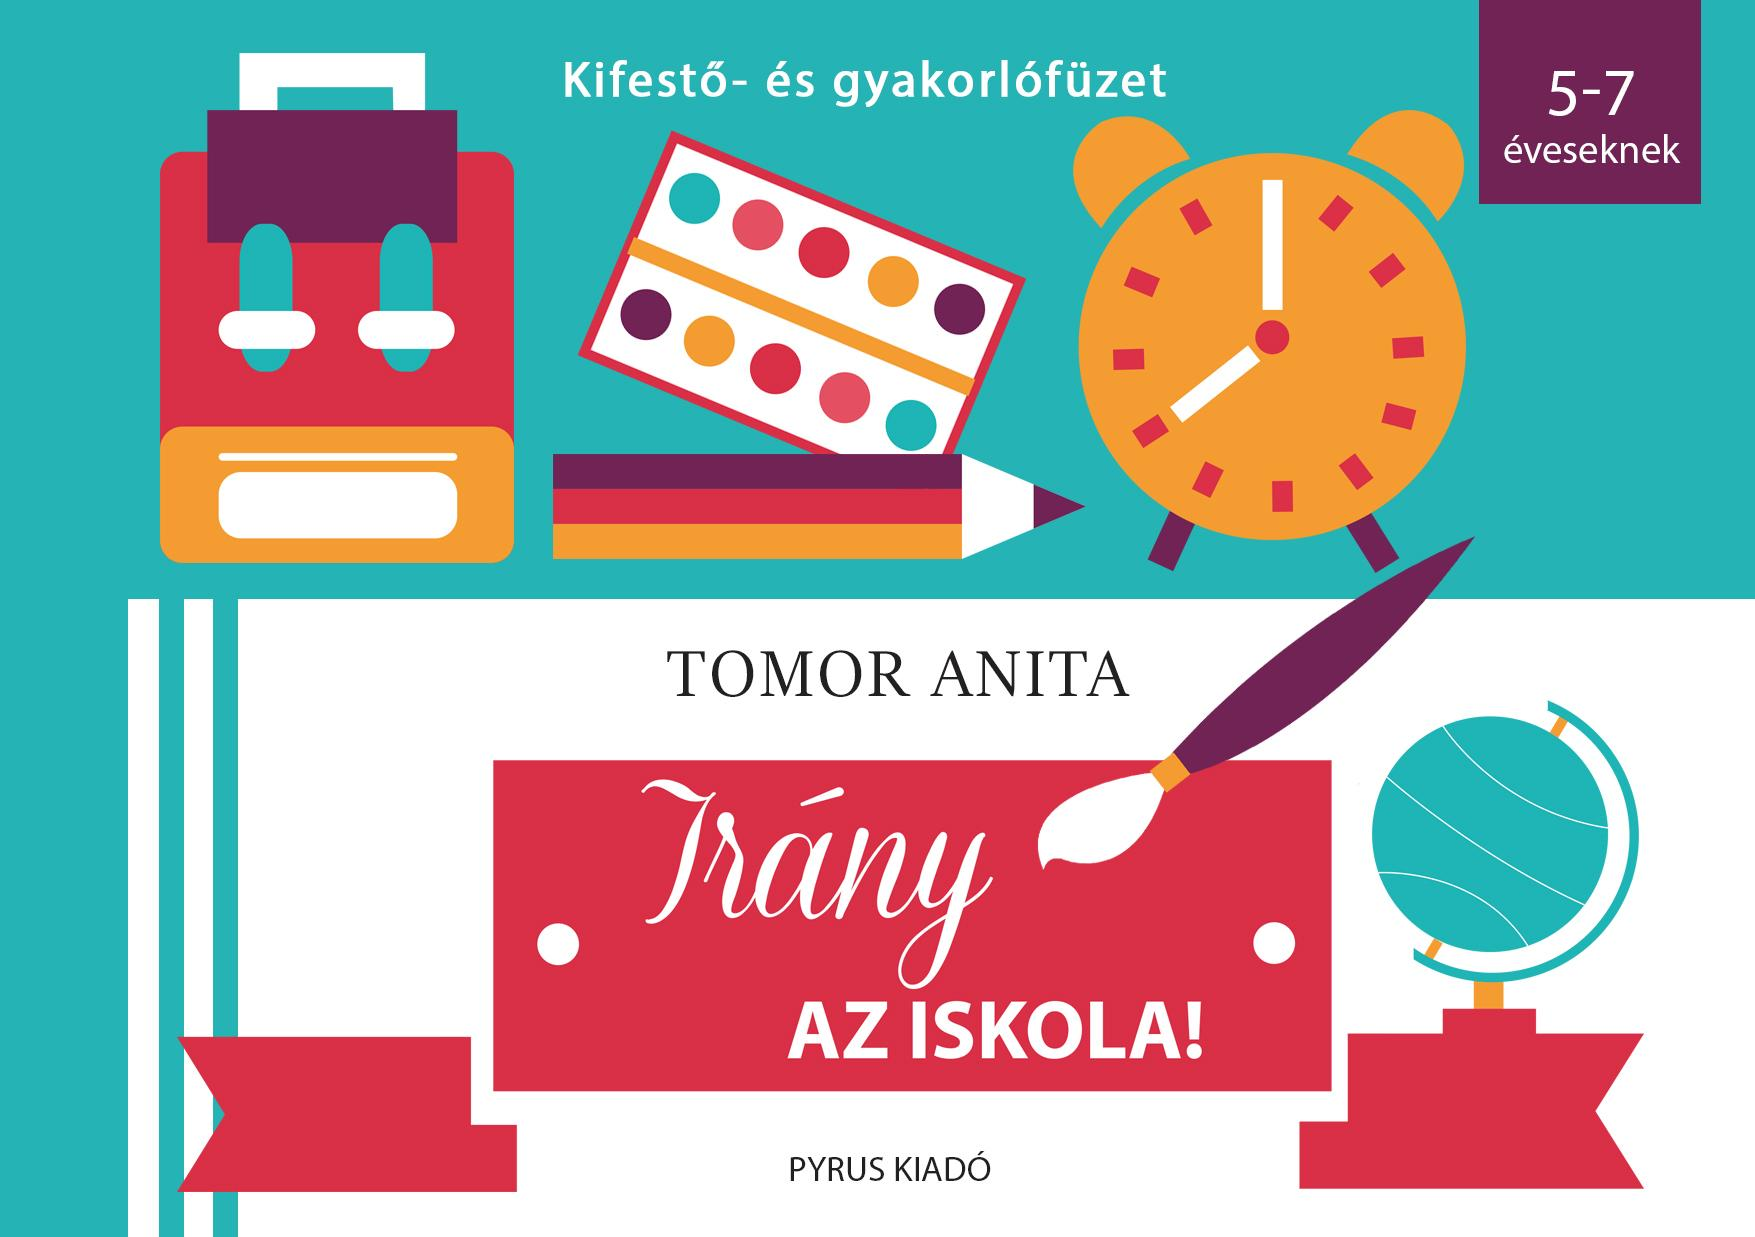 IRÁNY AZ ISKOLA! - KIFESTŐ- ÉS GYAKORLÓFÜZET